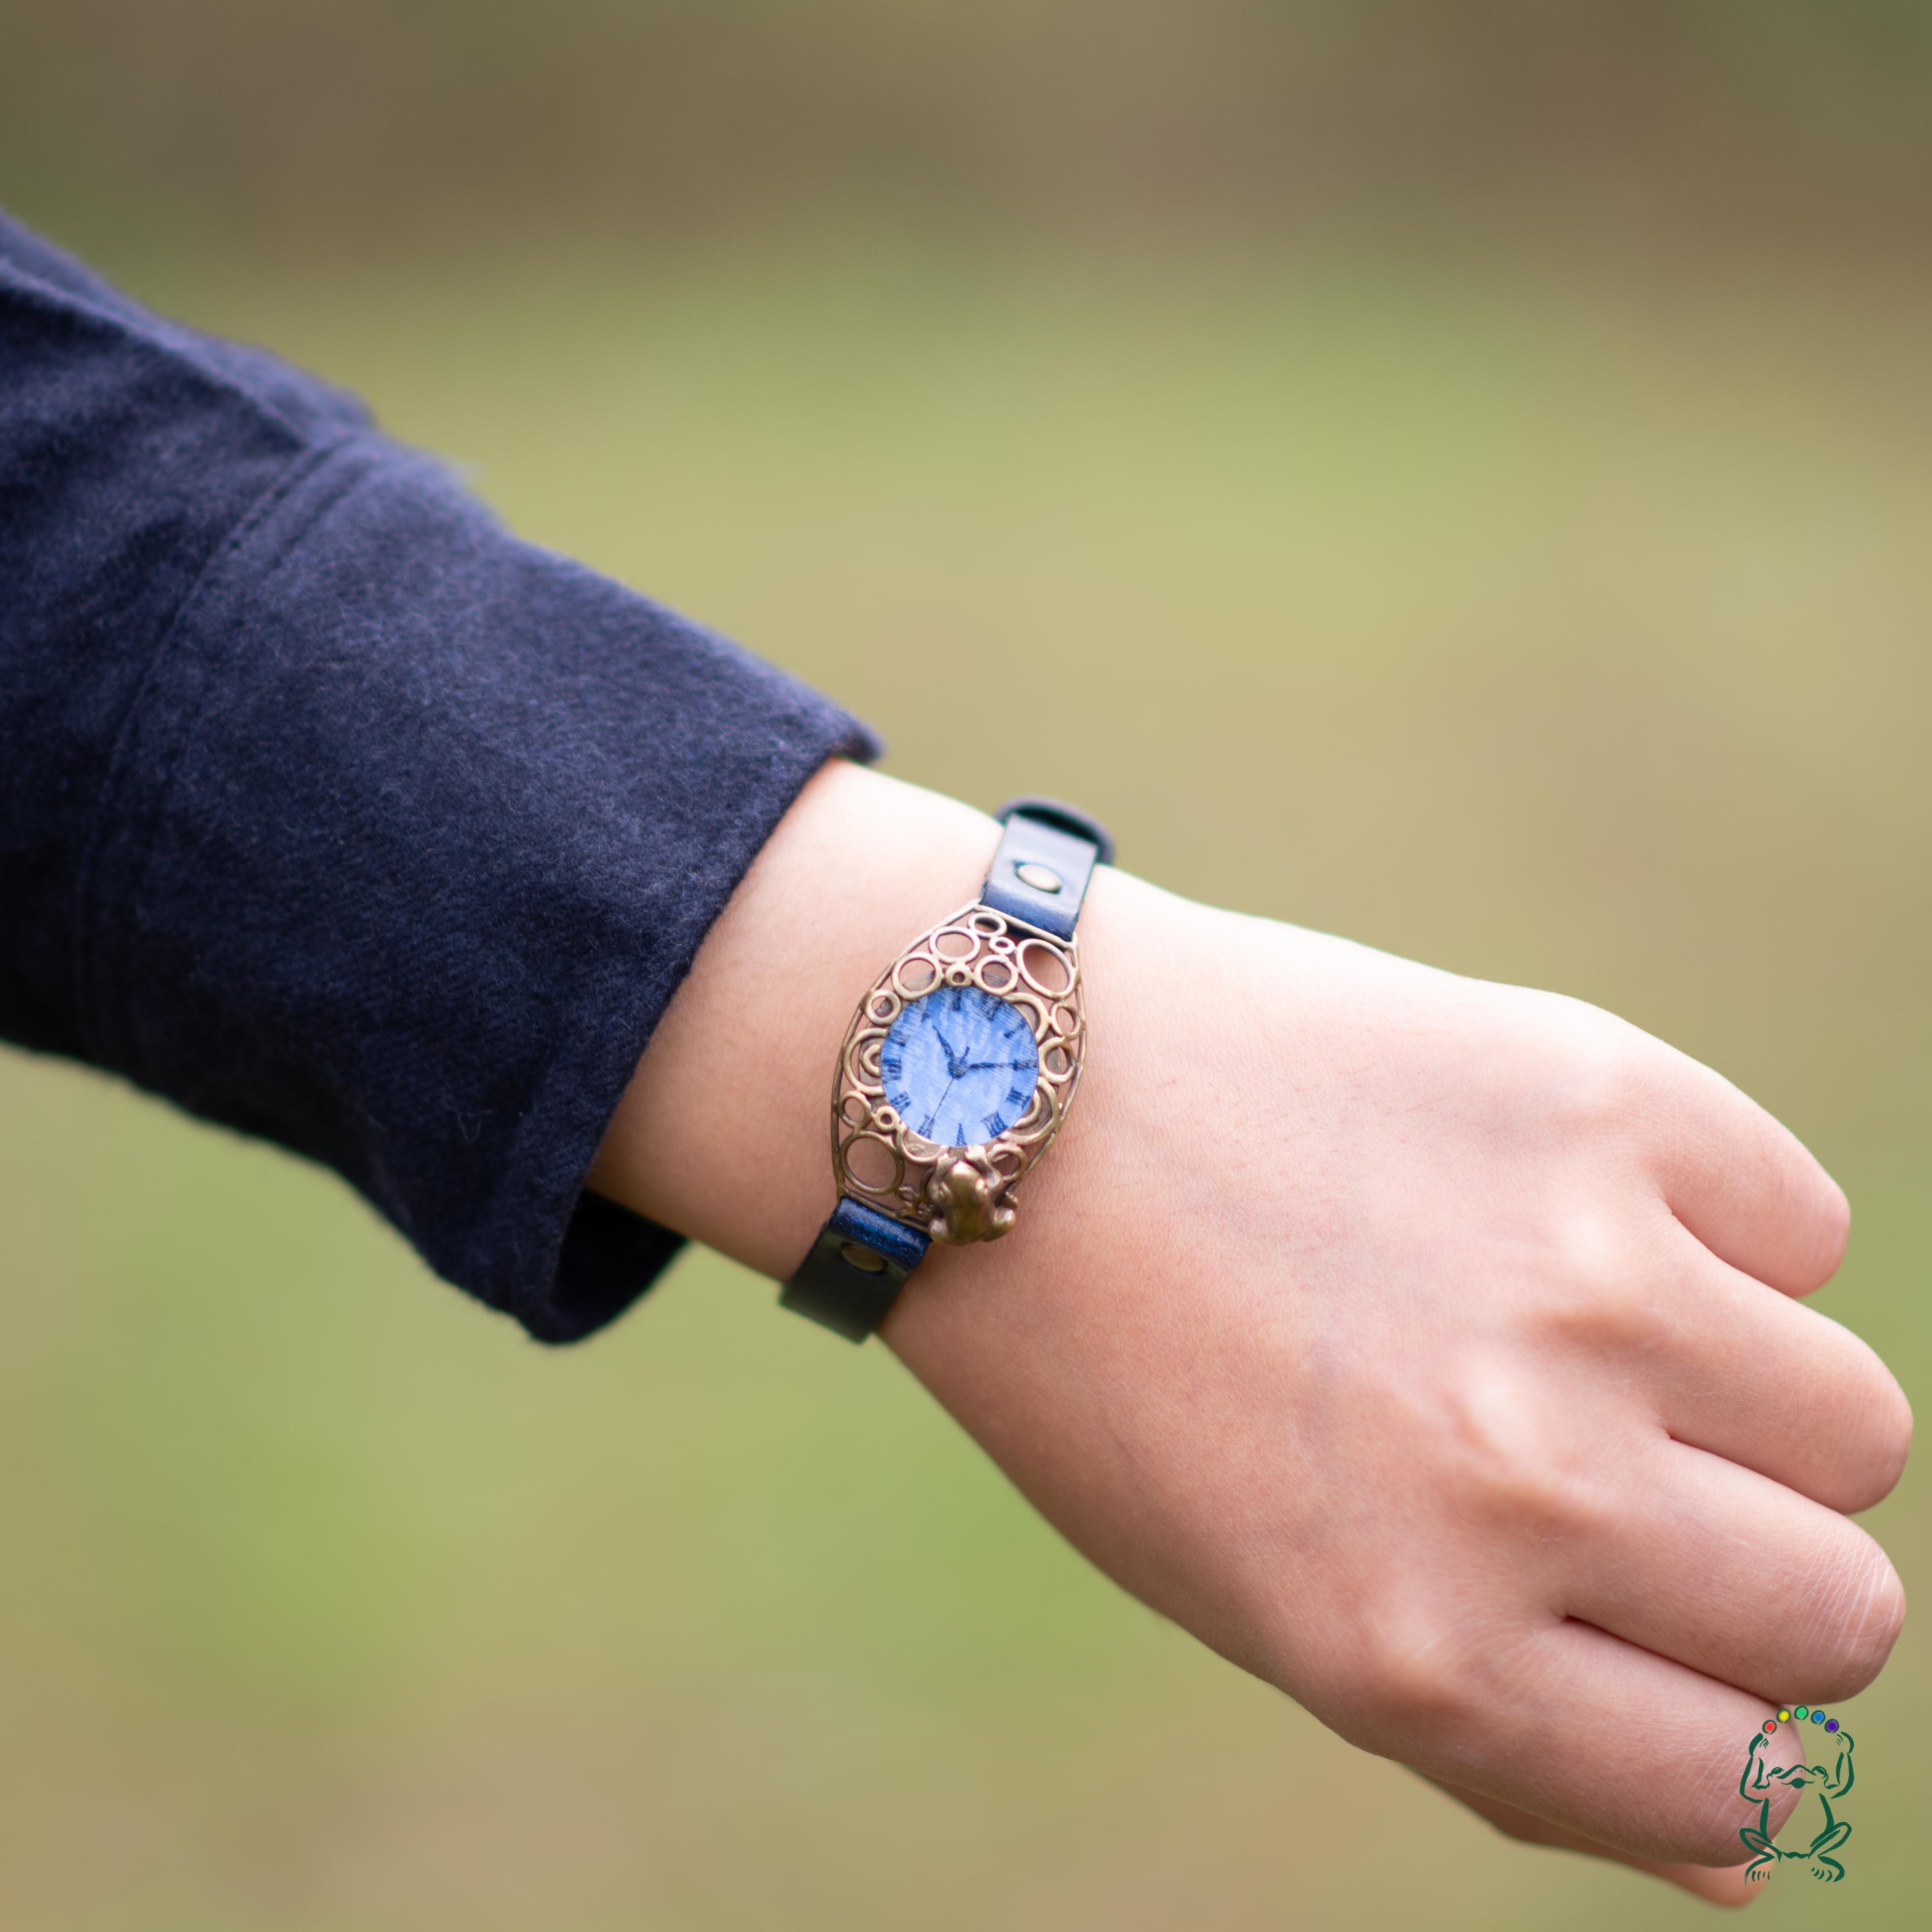 【T様専用ページ】水泡立つ池腕時計Sパステルブルー